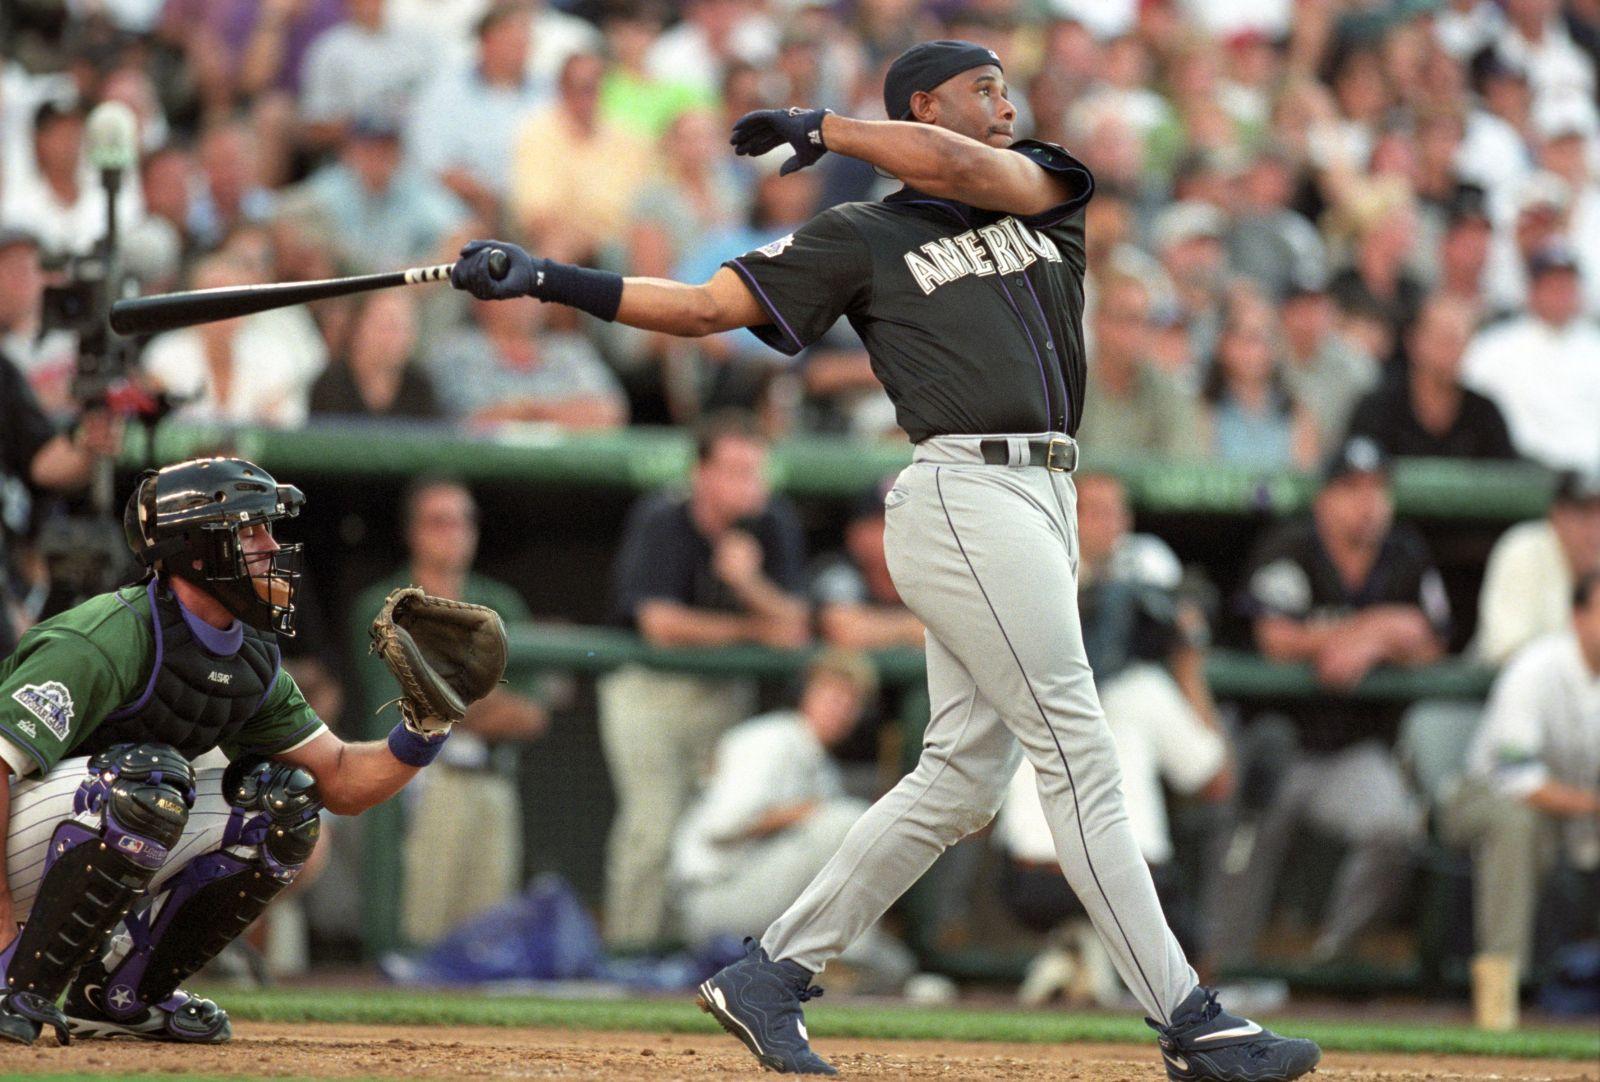 Flashback Ken Griffey Jr. Wins '98 Home Run Derby in the